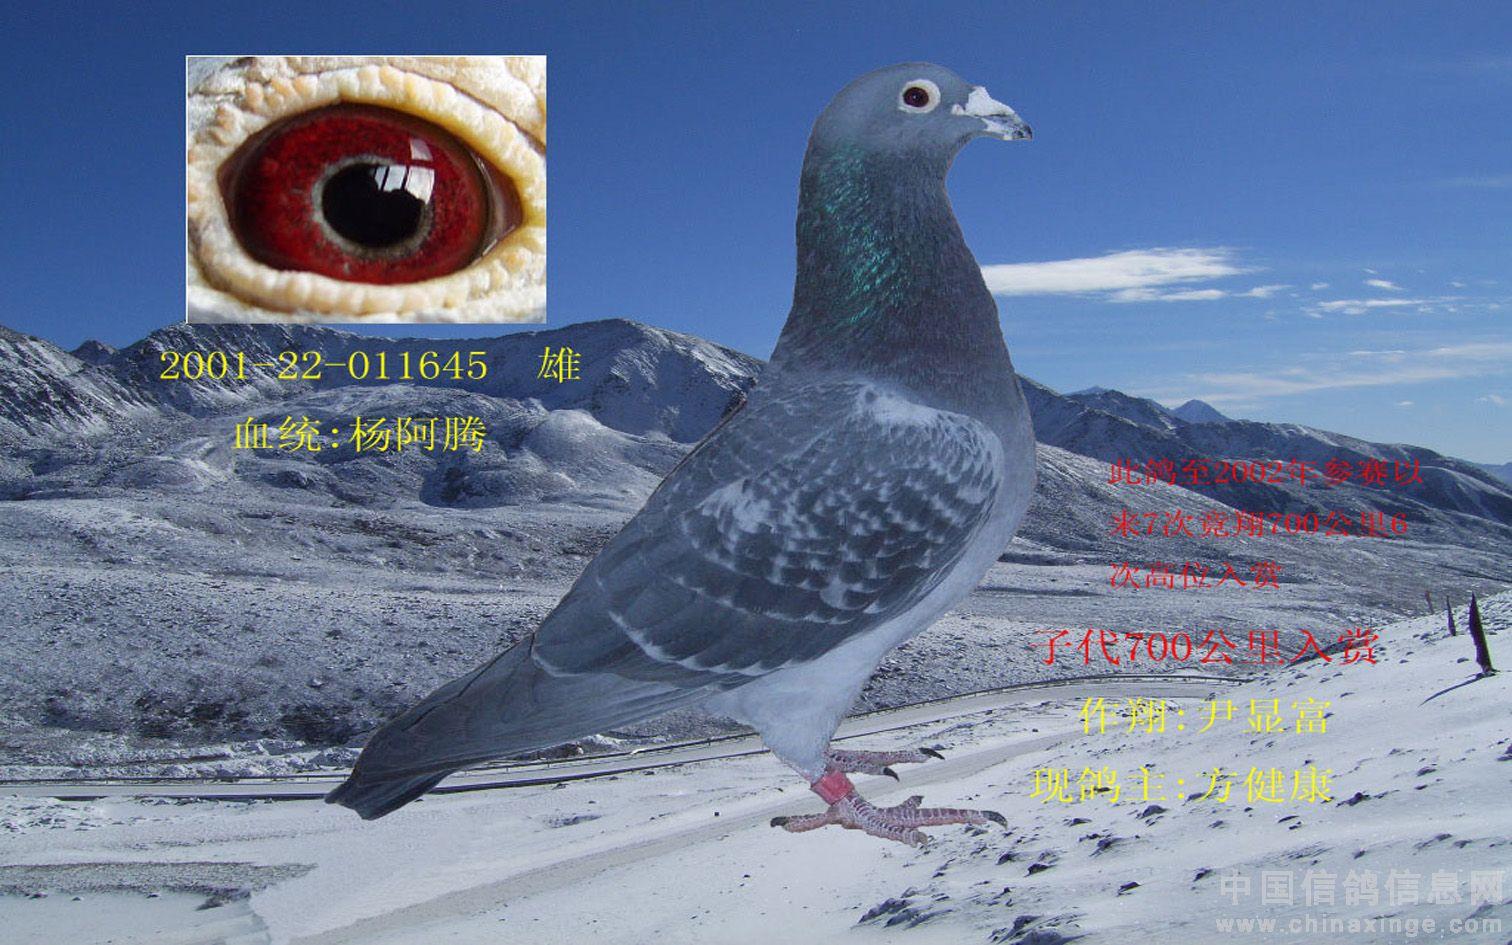 杨阿腾/那么杨阿腾到底配什么样的鸽子才能更好的发挥作用呢...